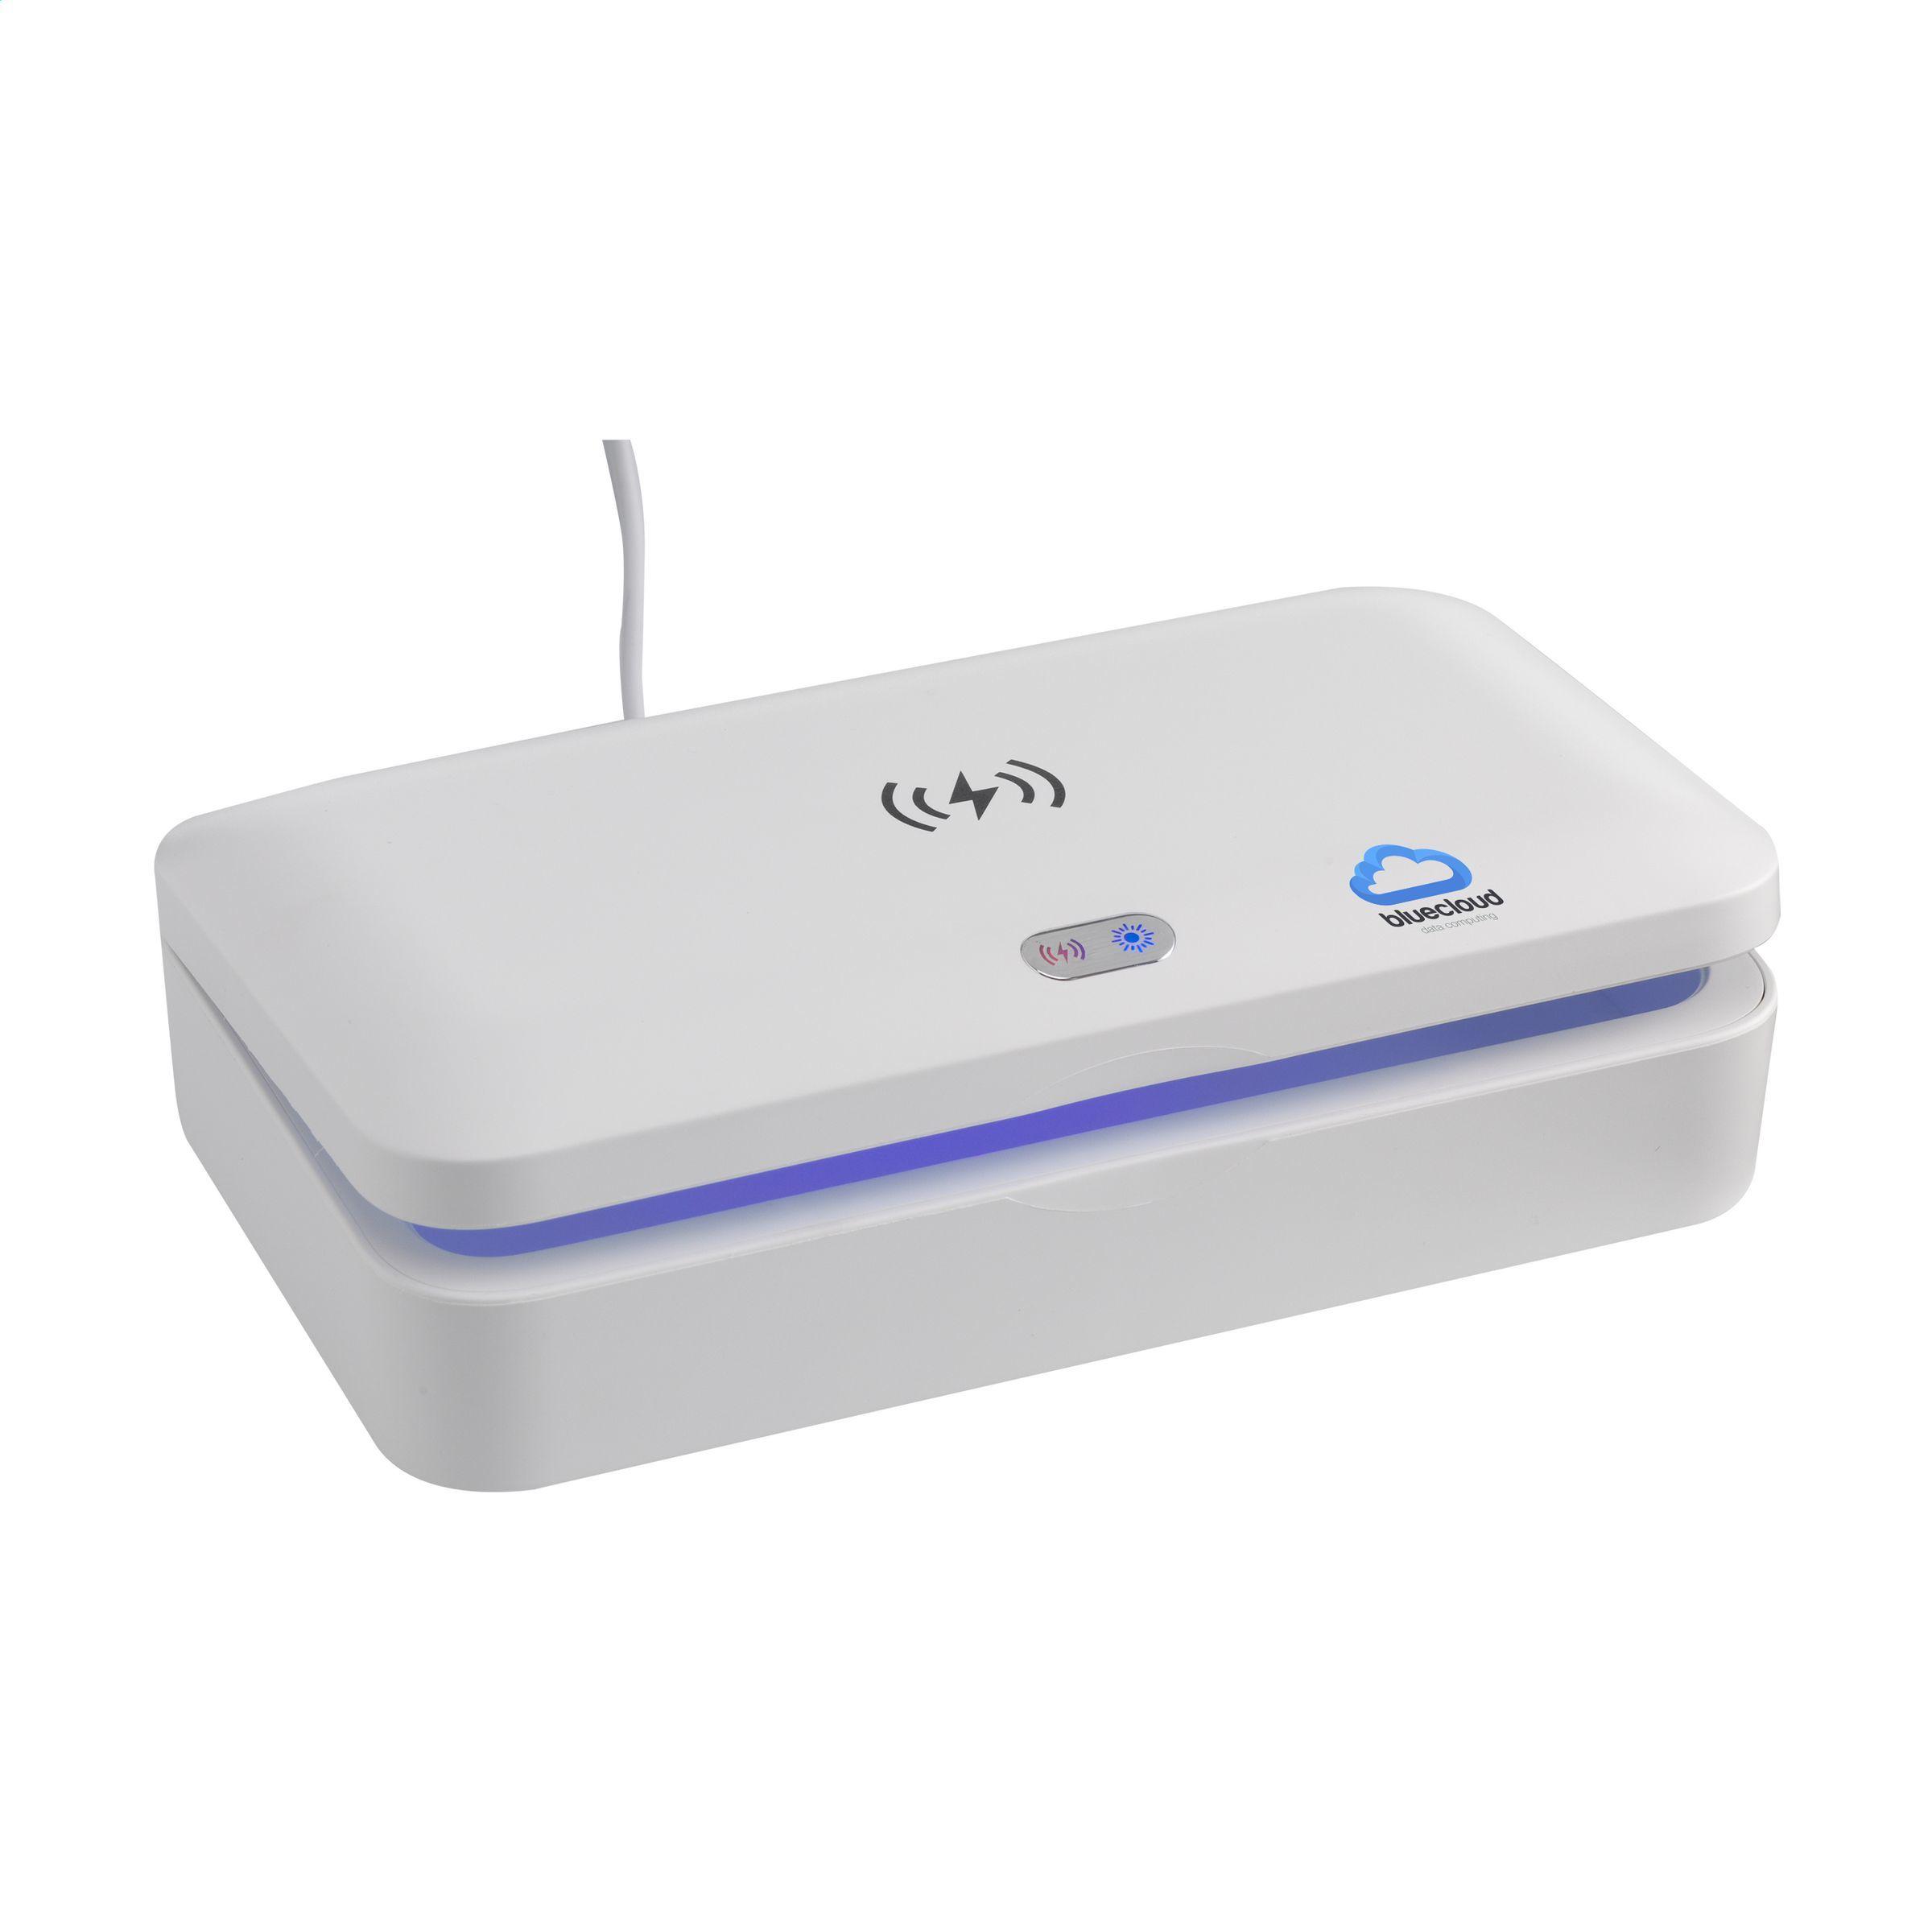 Boîte de stérilisation avec chargeur sans fil 5W